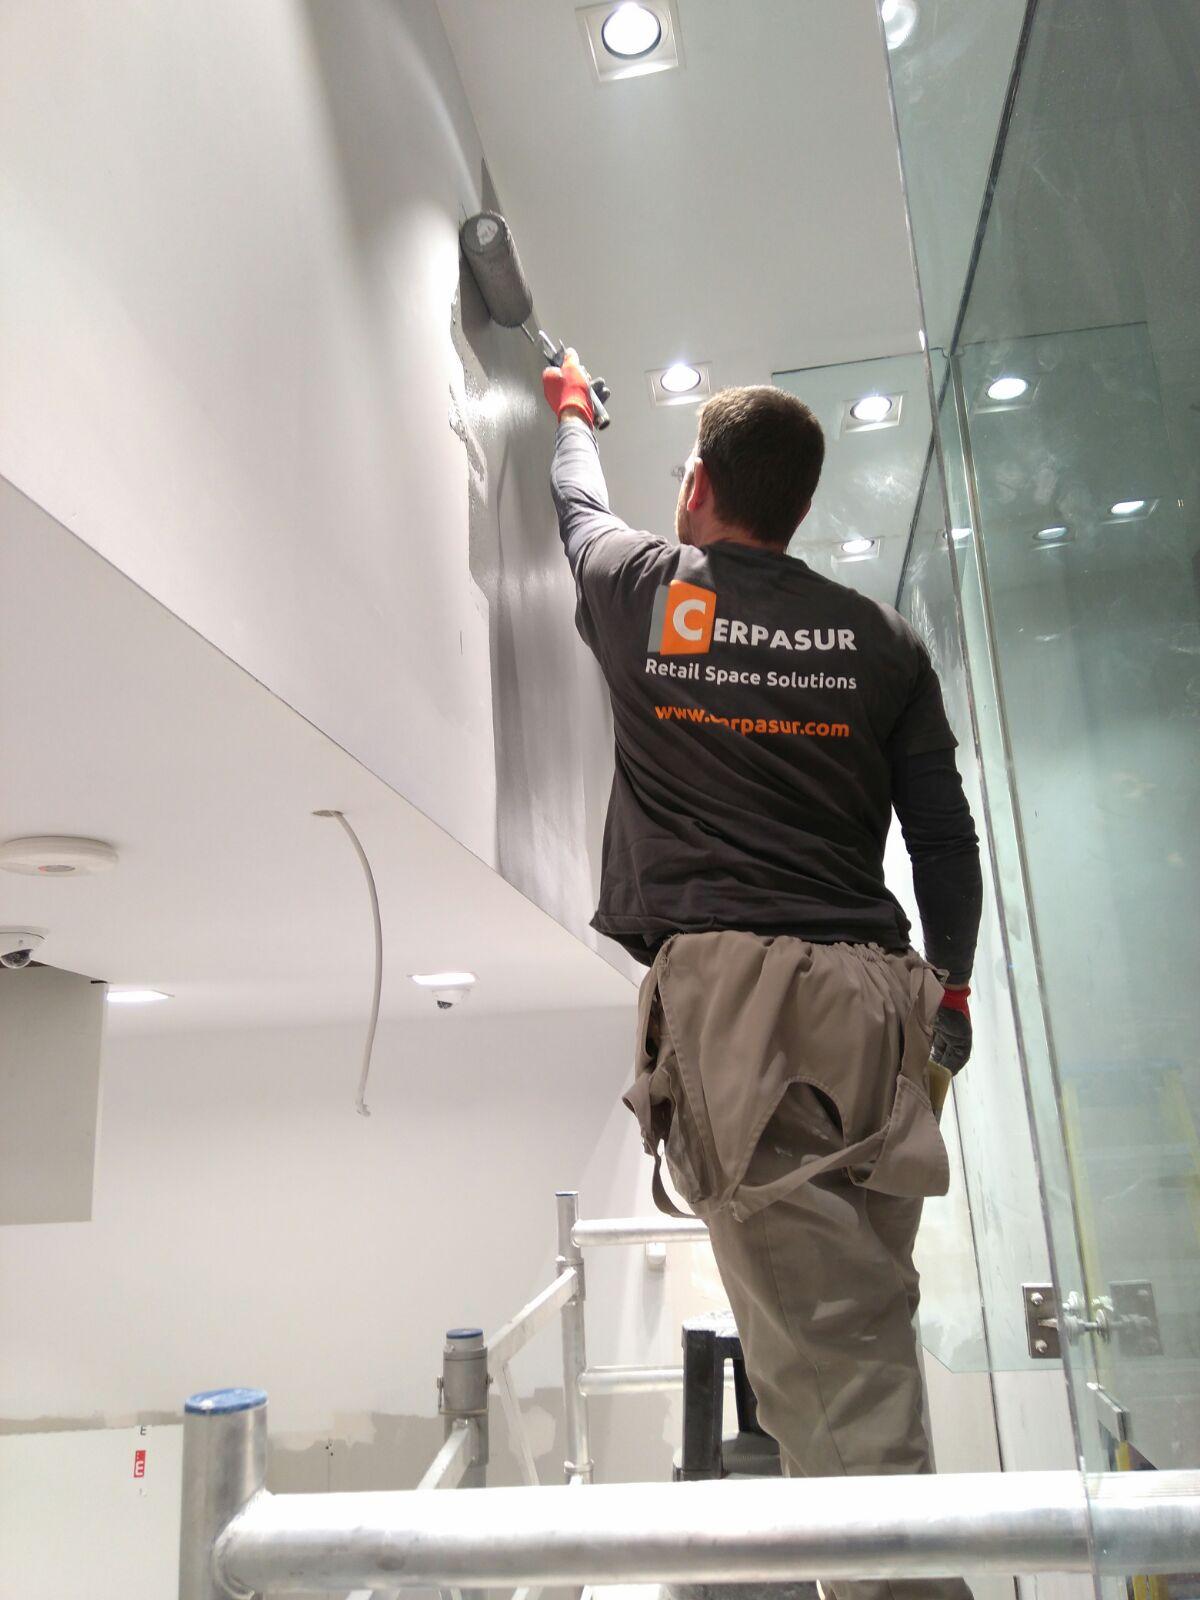 Finalizando con los últimos acabados de pintura en la obra de reforma del local Swarovski en Glasgow - Cerpasur 2017